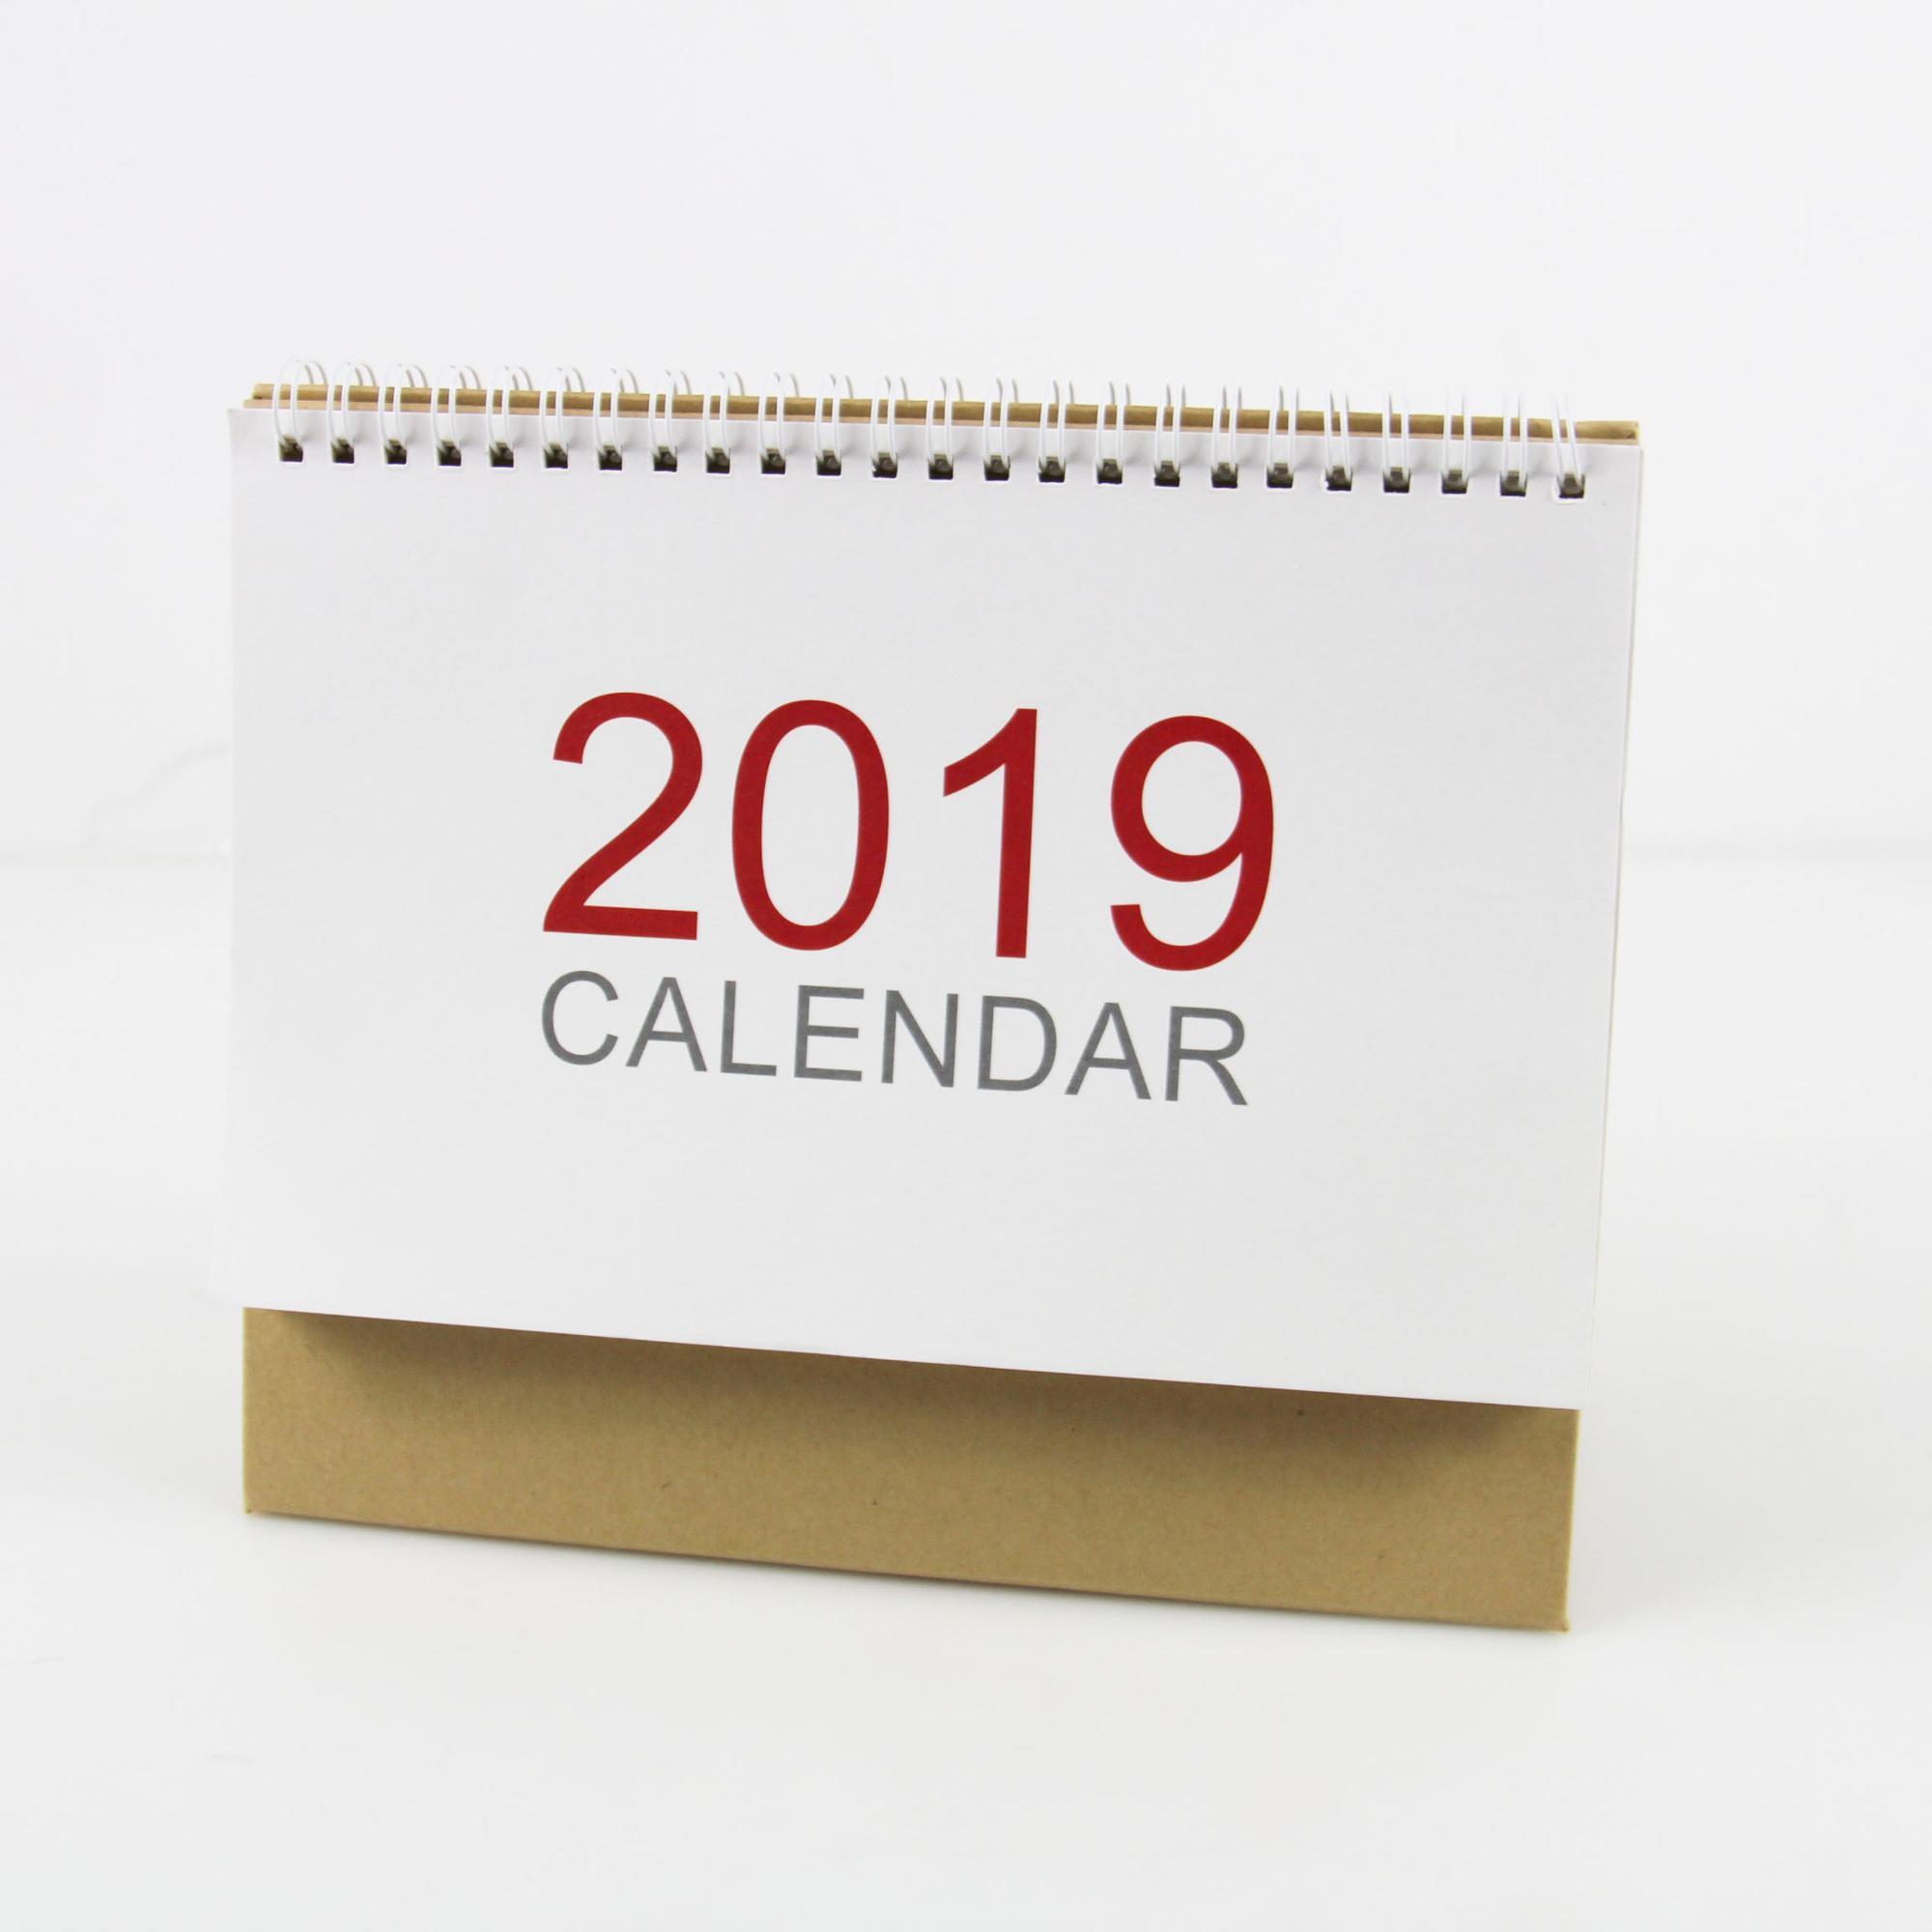 Calendario Adviento 2020.2020 Envio Gratuito Venta Al Por Mayor Oem Calendario De Impresion De Ramadan Calendario De Adviento De Escritorio Pad Calendario Buy Calendario